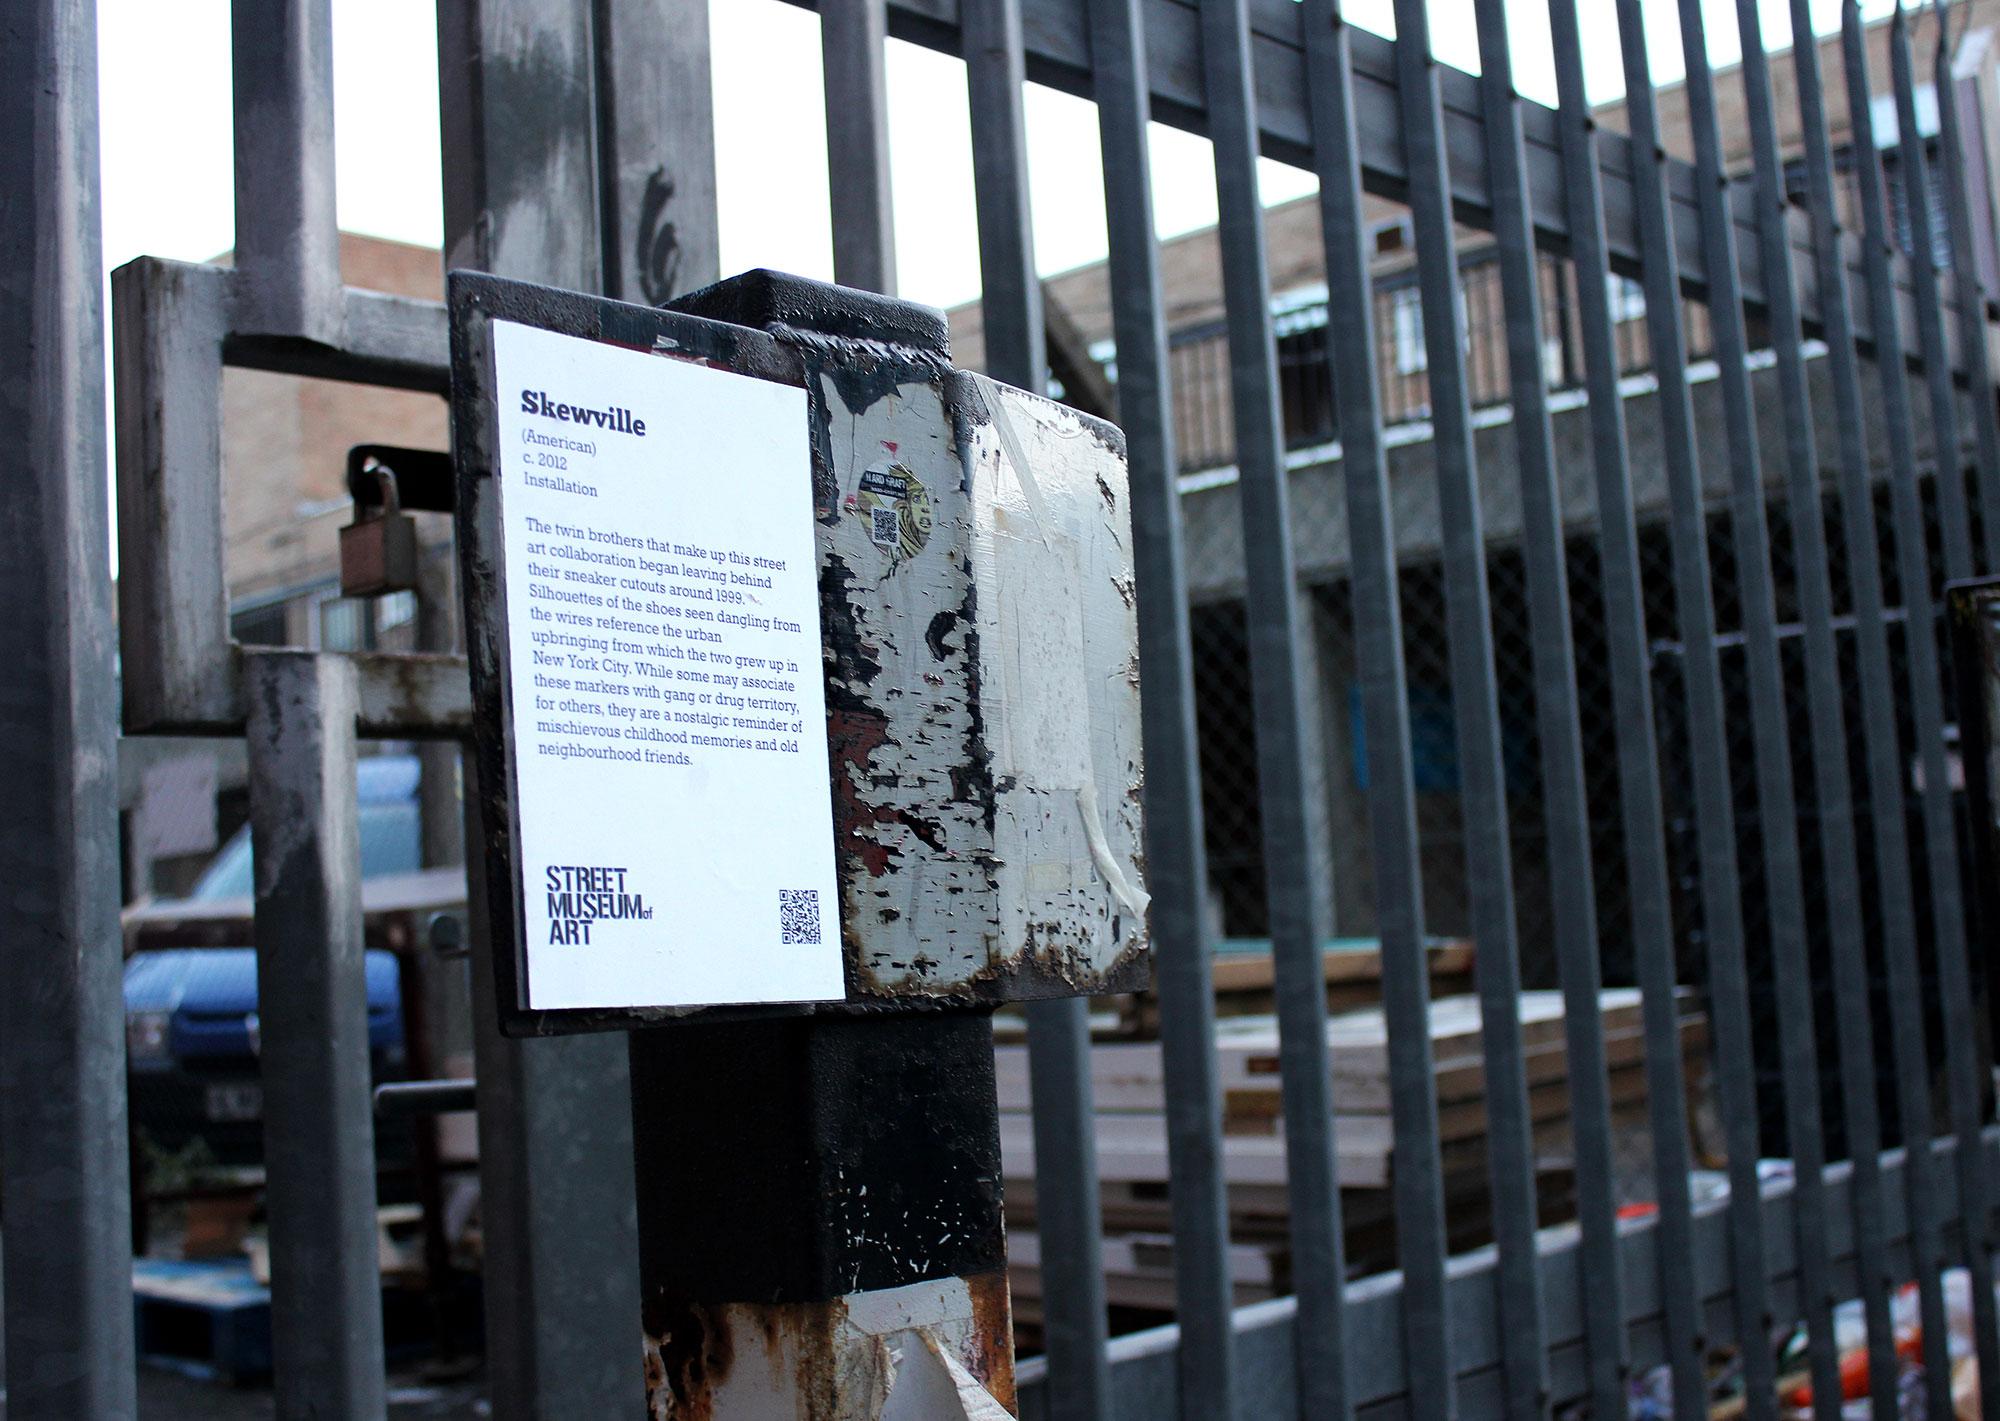 IMG_2197_Skewville_London_2012-LABEL-WEB.jpg